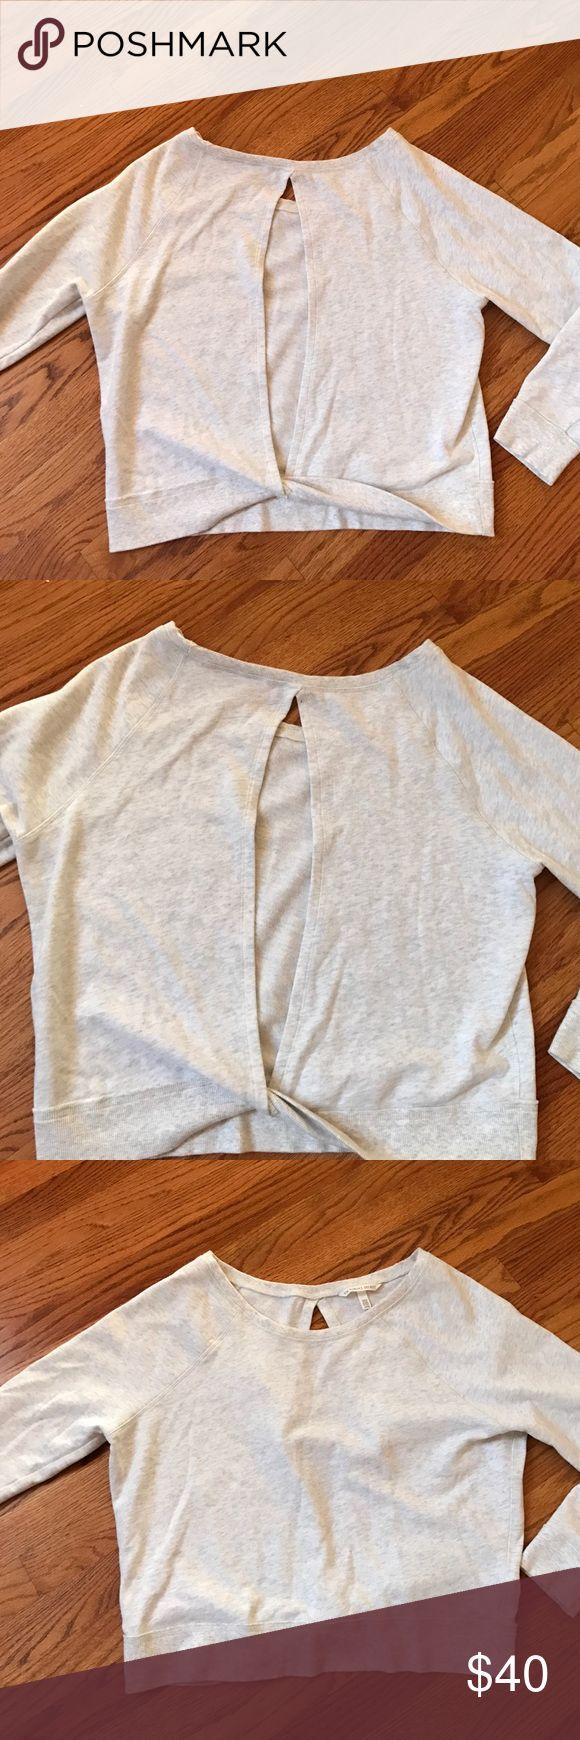 Victoria secret key hole open back sweatshirt Victoria secret key hole open back sweatshirt no stains in light grey super soft inside scoop neck Victoria's Secret Tops Sweatshirts & Hoodies